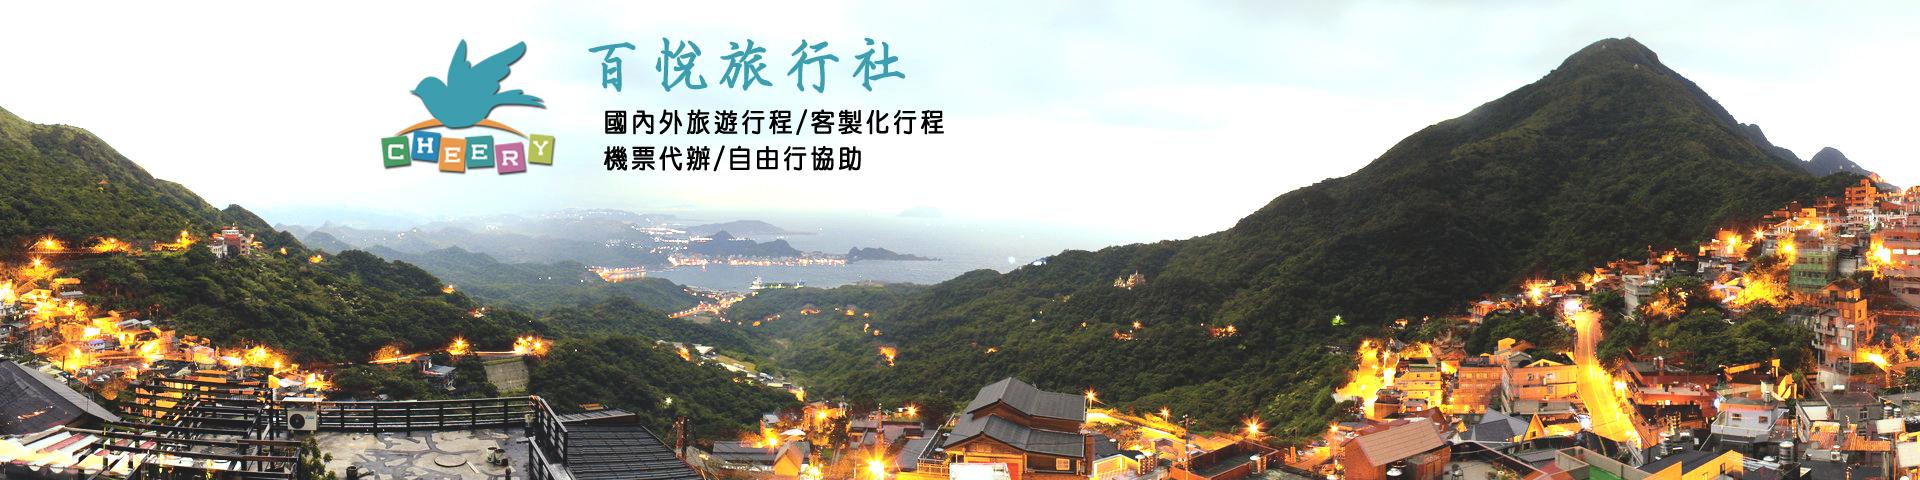 百悅旅行社 CHEERY